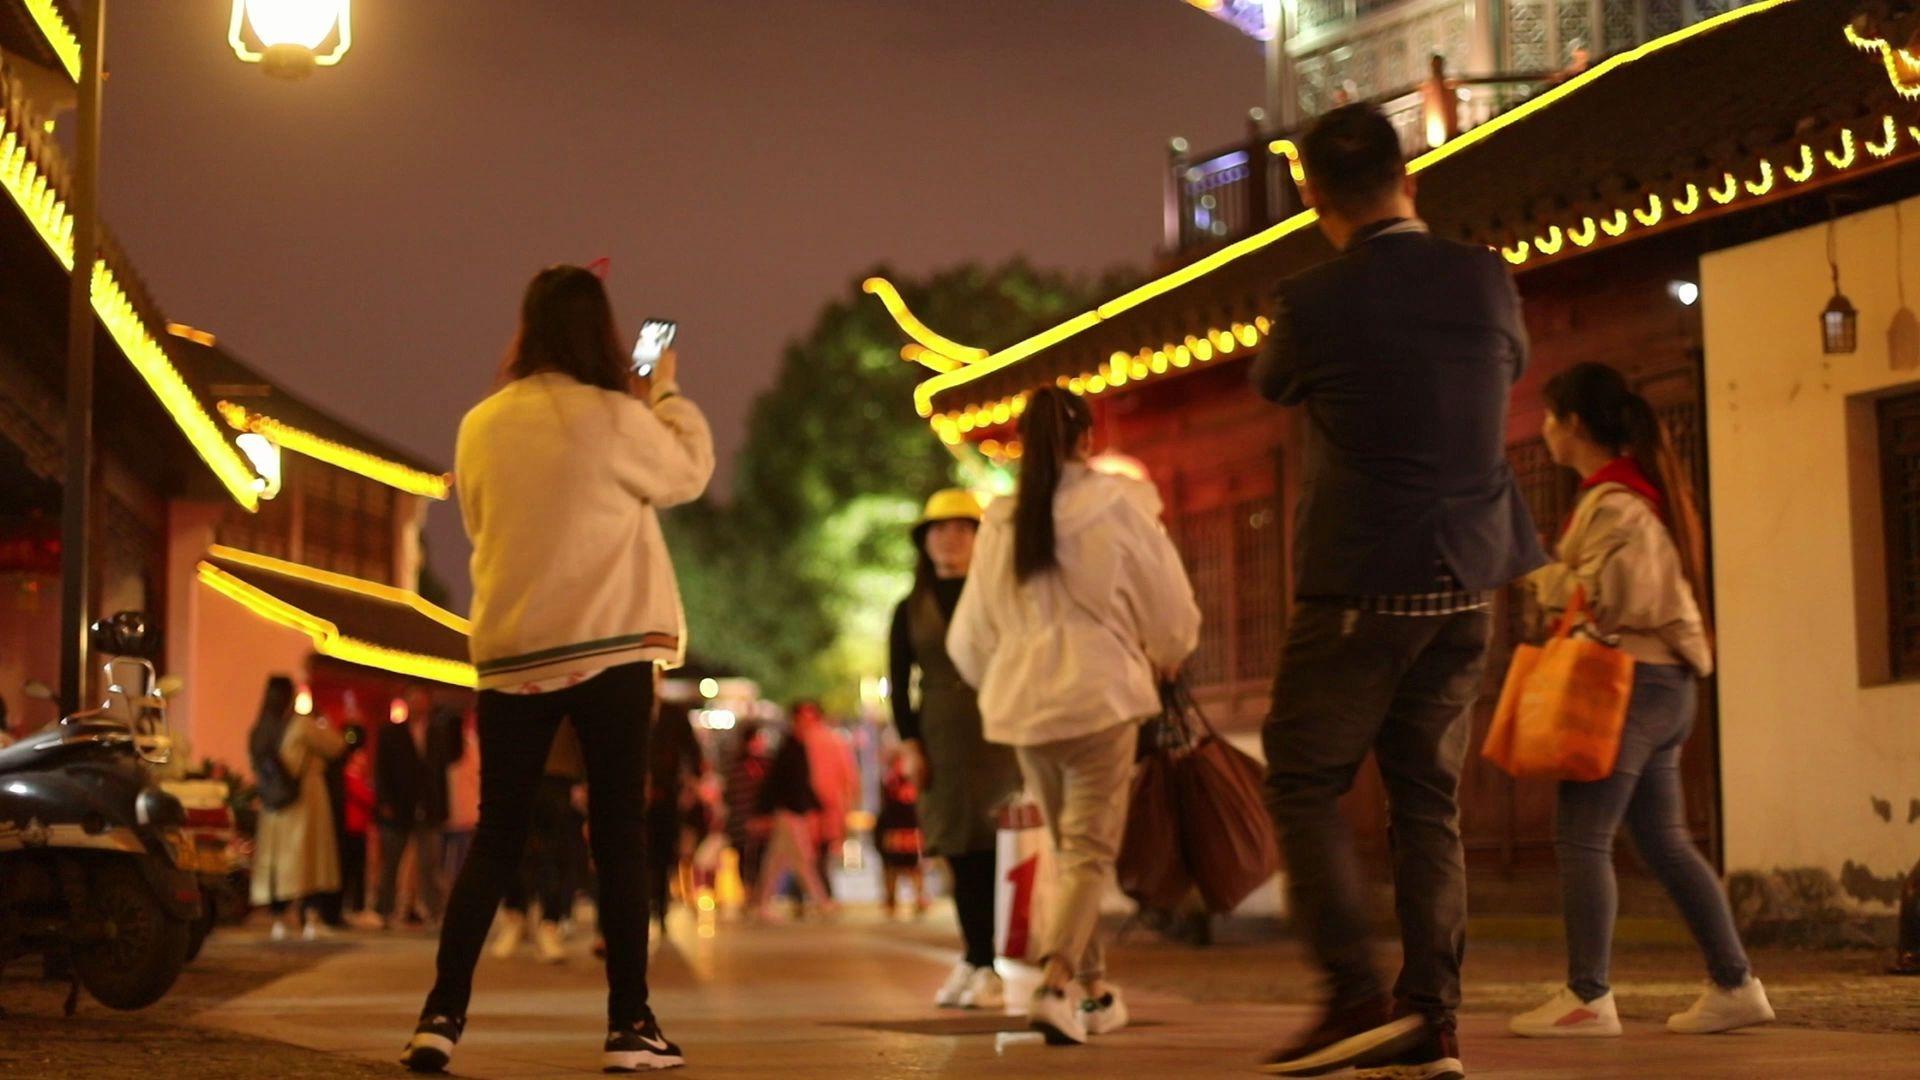 2分钟快速了解苏州古城的慢节奏夜生活